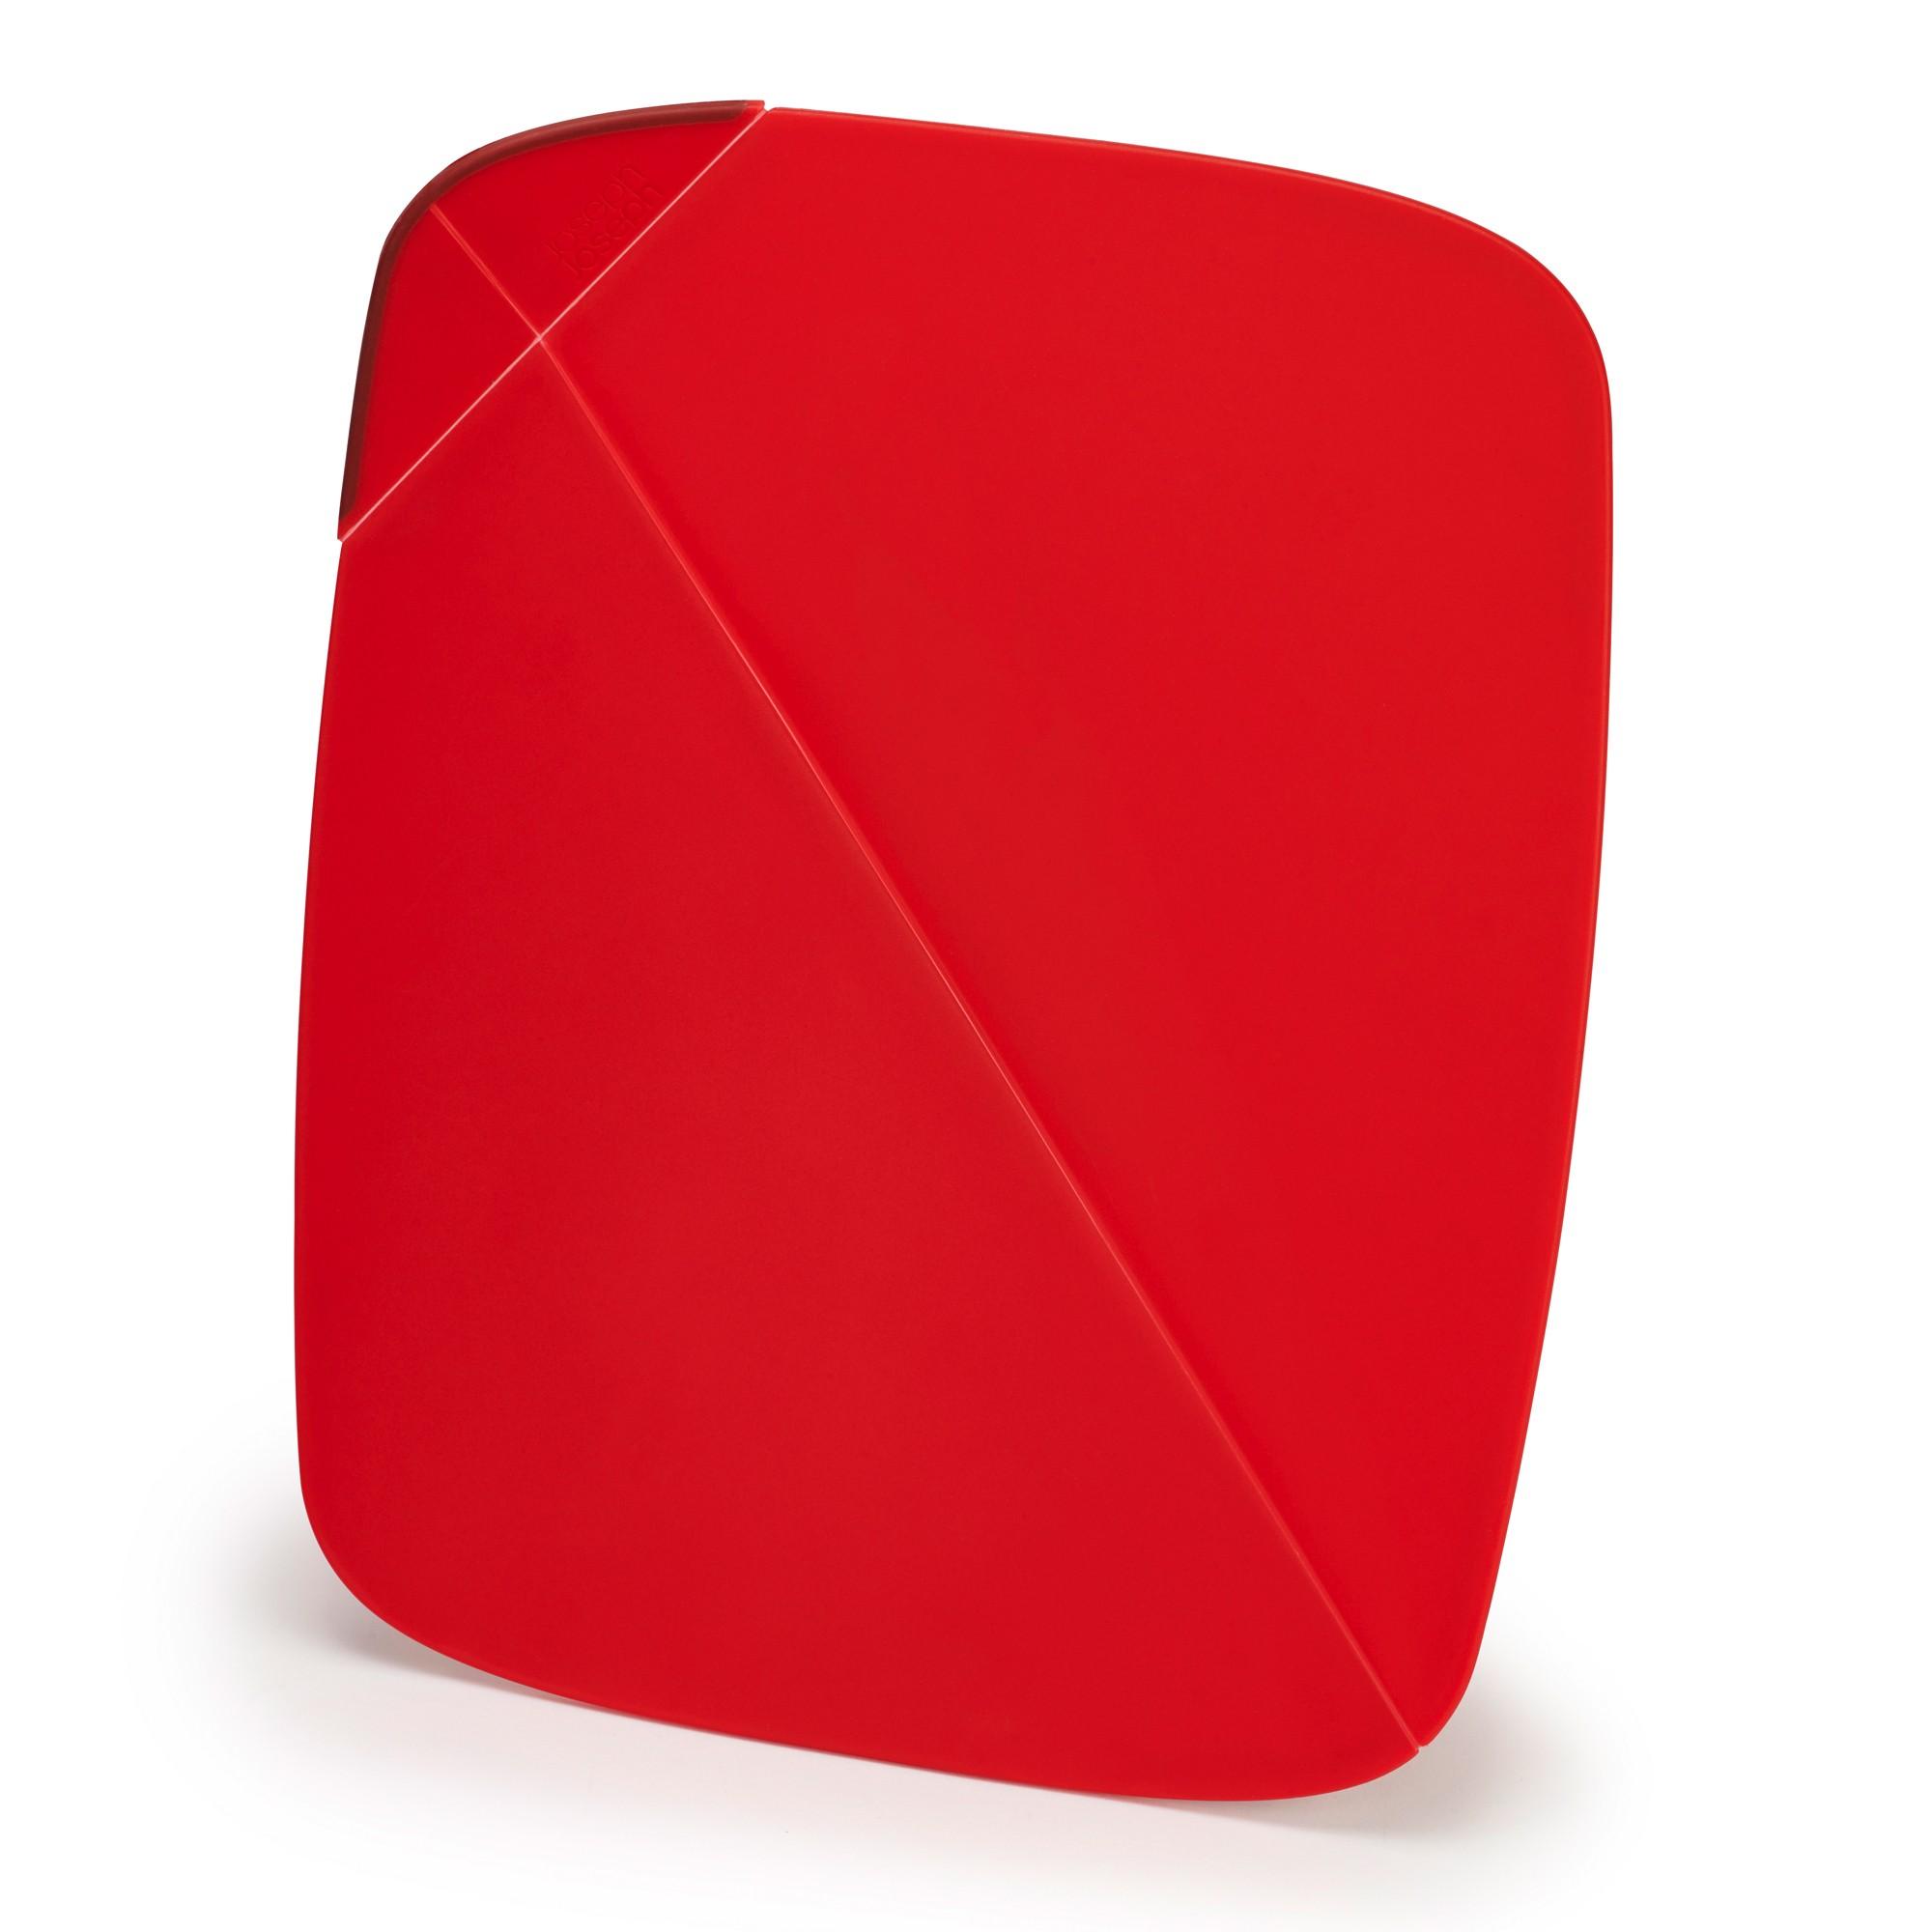 Επιφάνεια Κοπής Αναδιπλούμενη joseph joseph Duo Κόκκινη home   αξεσουαρ κουζινας   επιφάνειες κοπής